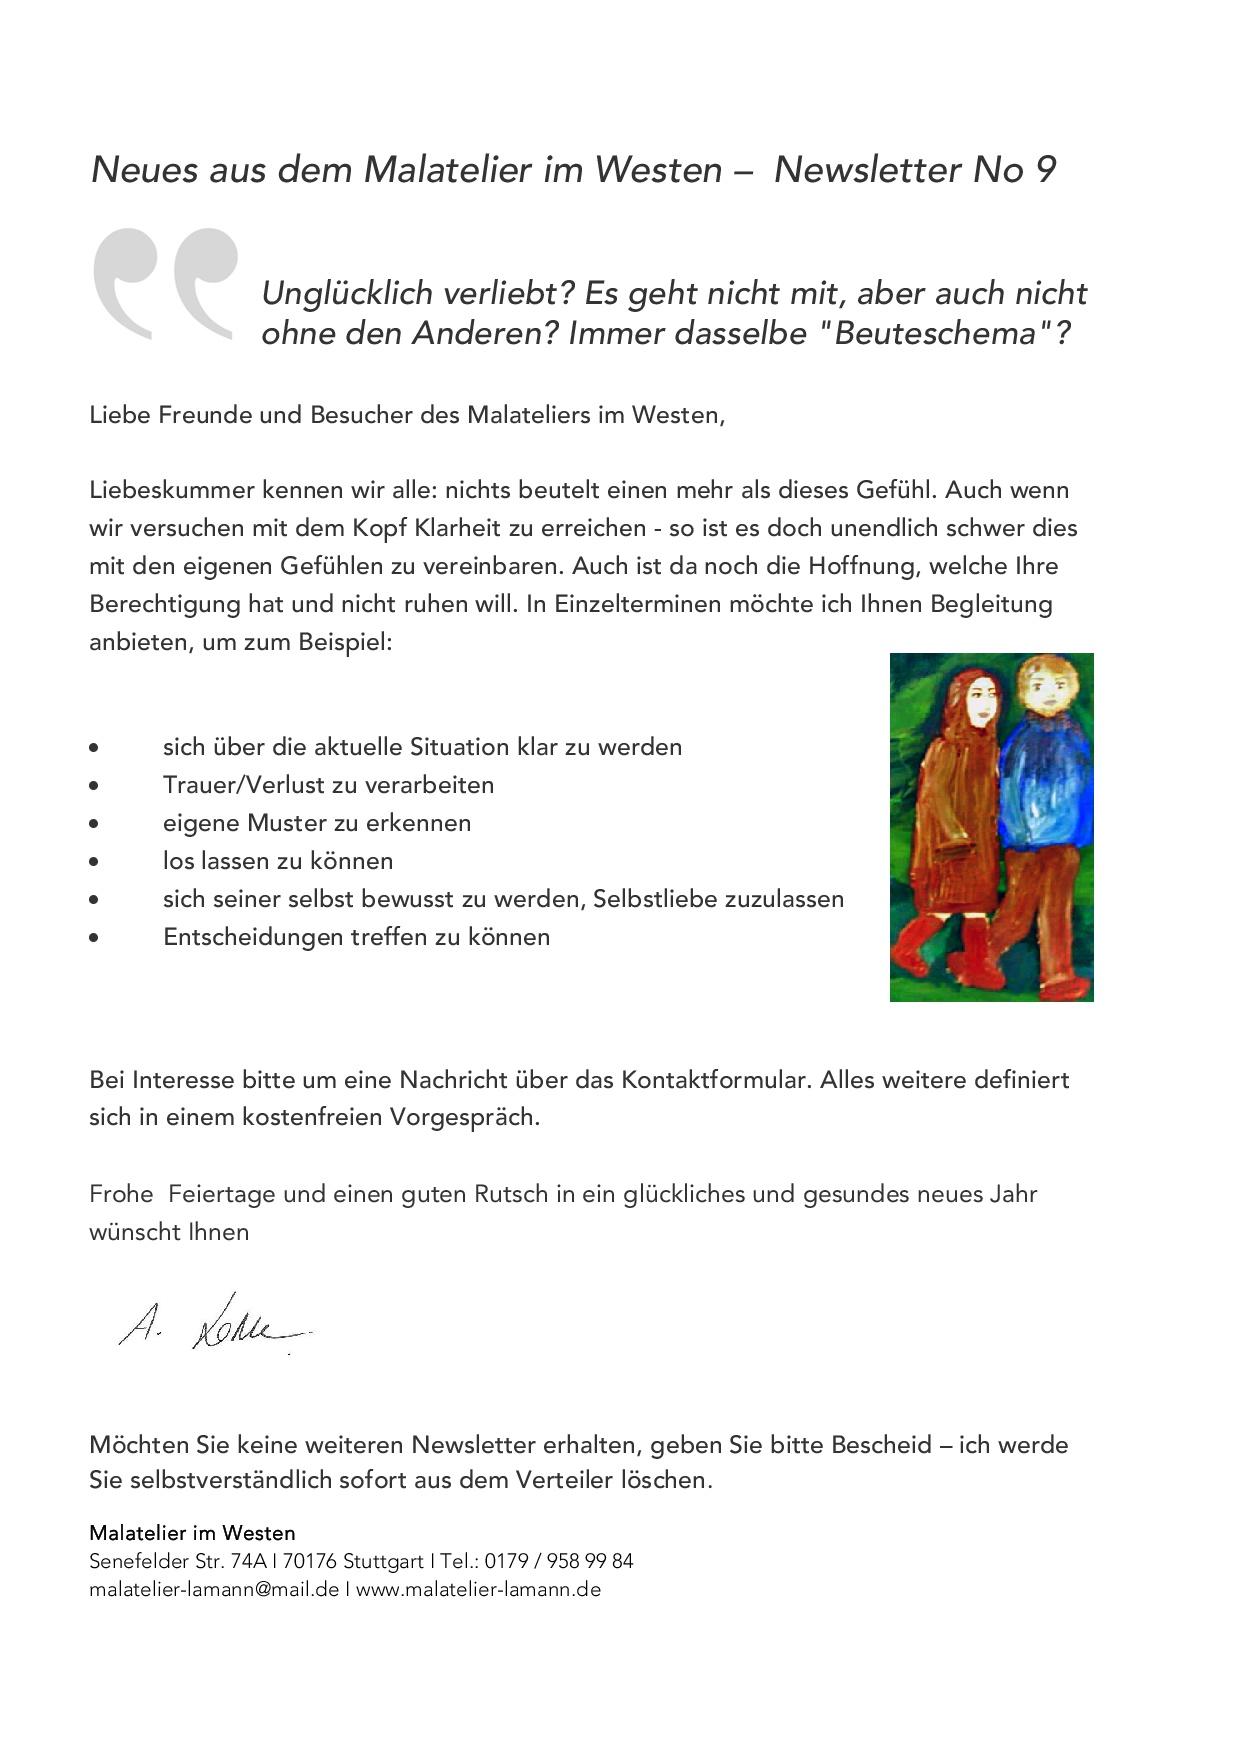 16-12-newsletter-no-9